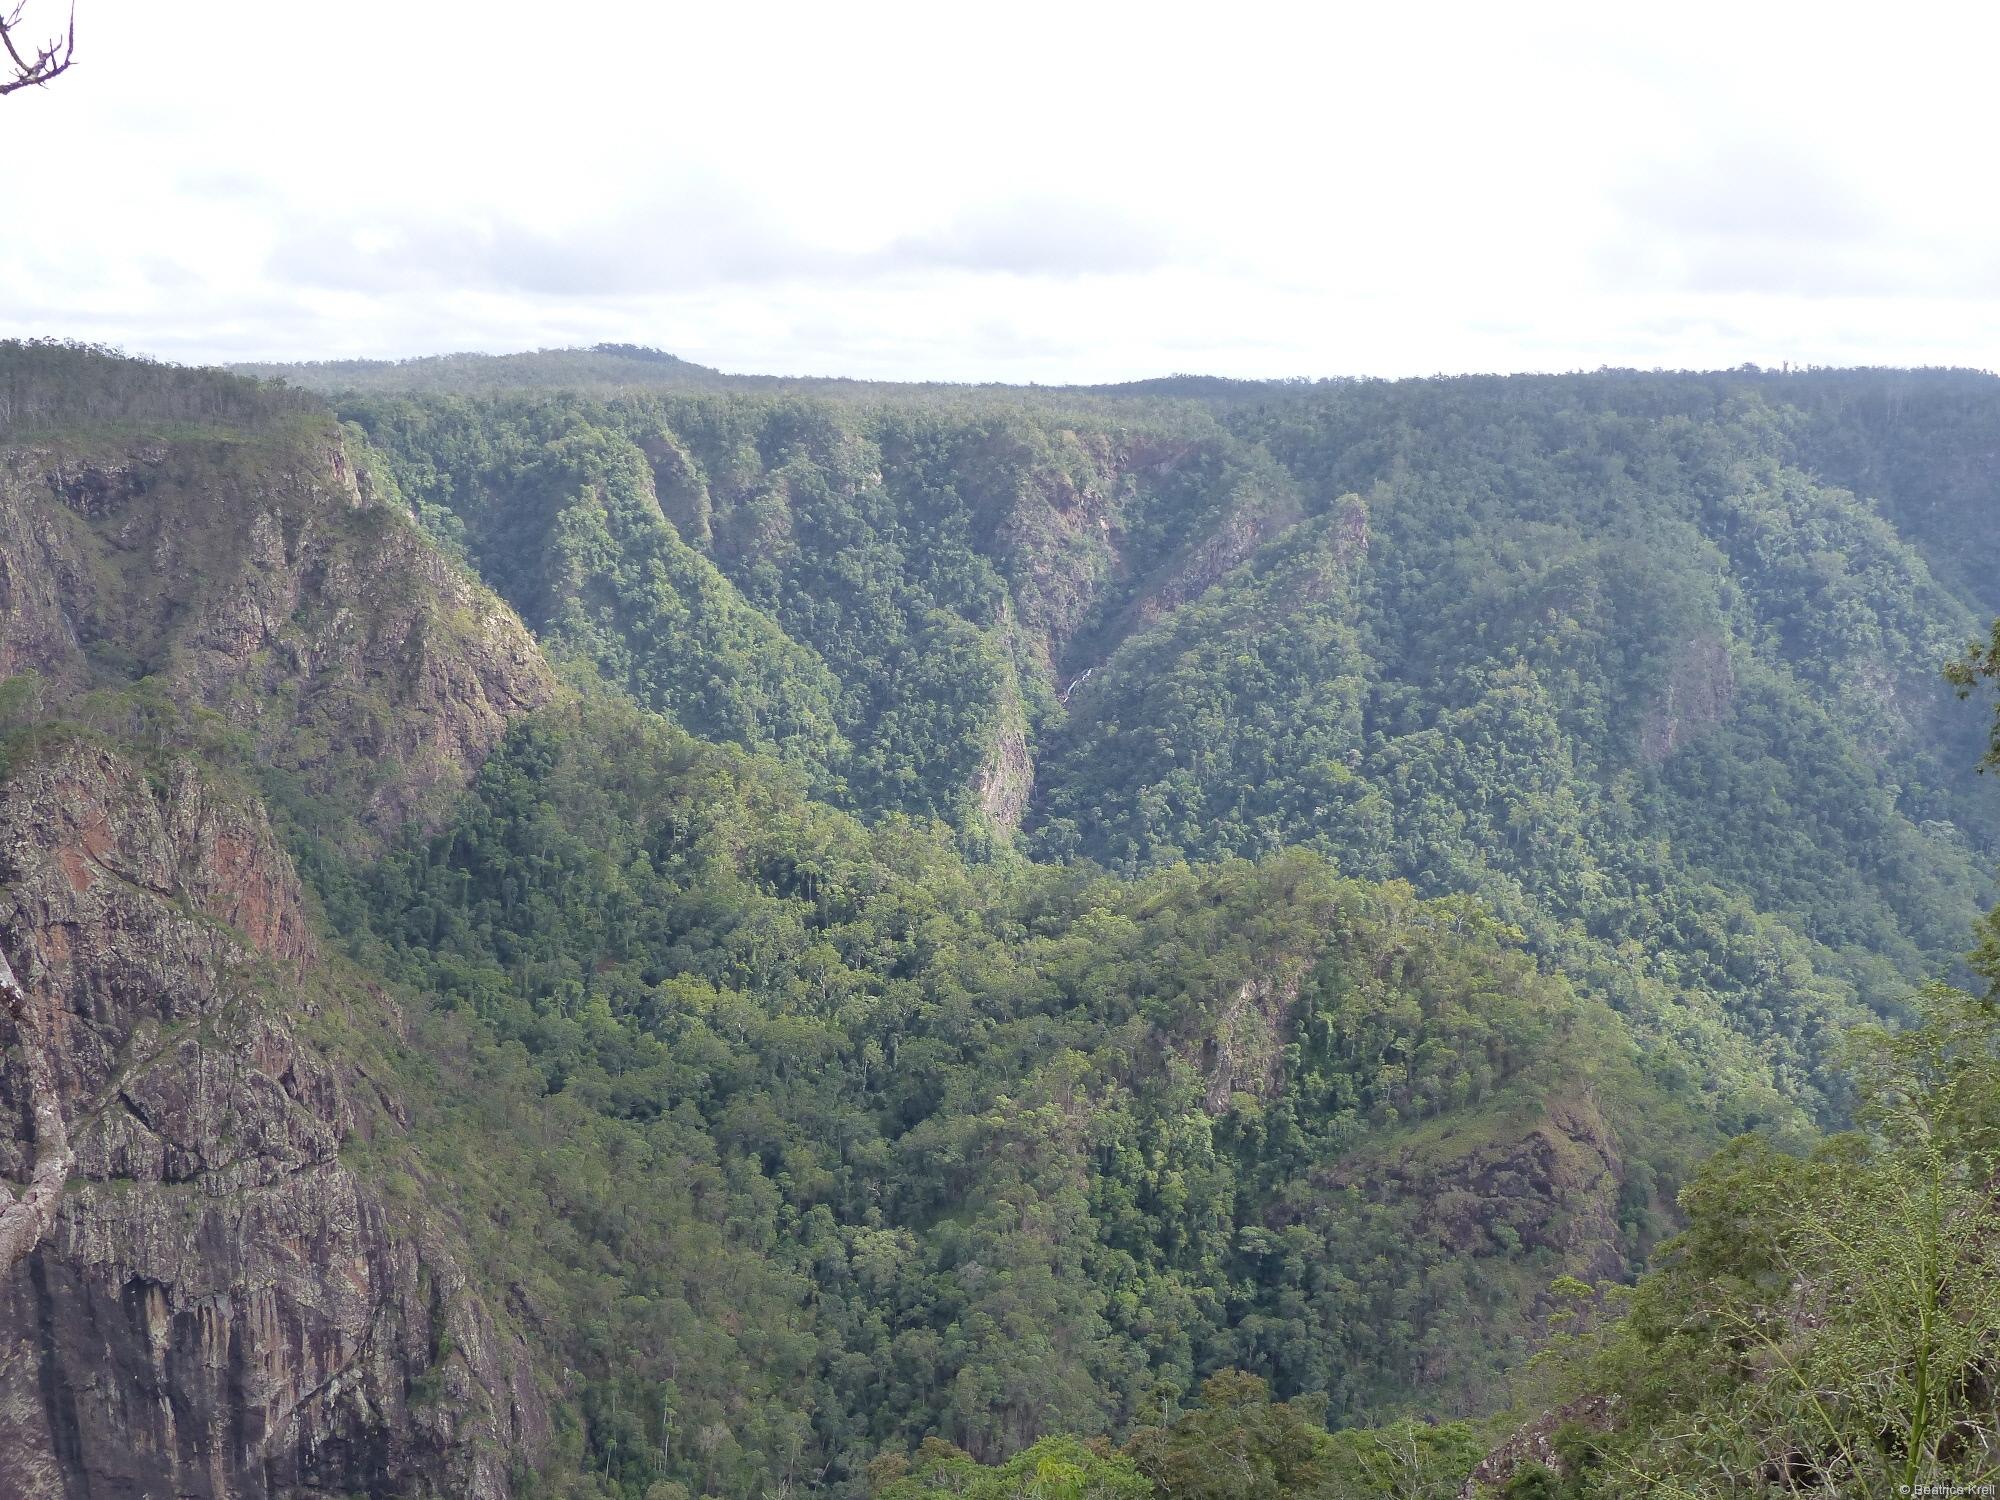 Die Aussicht bei den Wasserfällen war ebenfalls spektakulär.